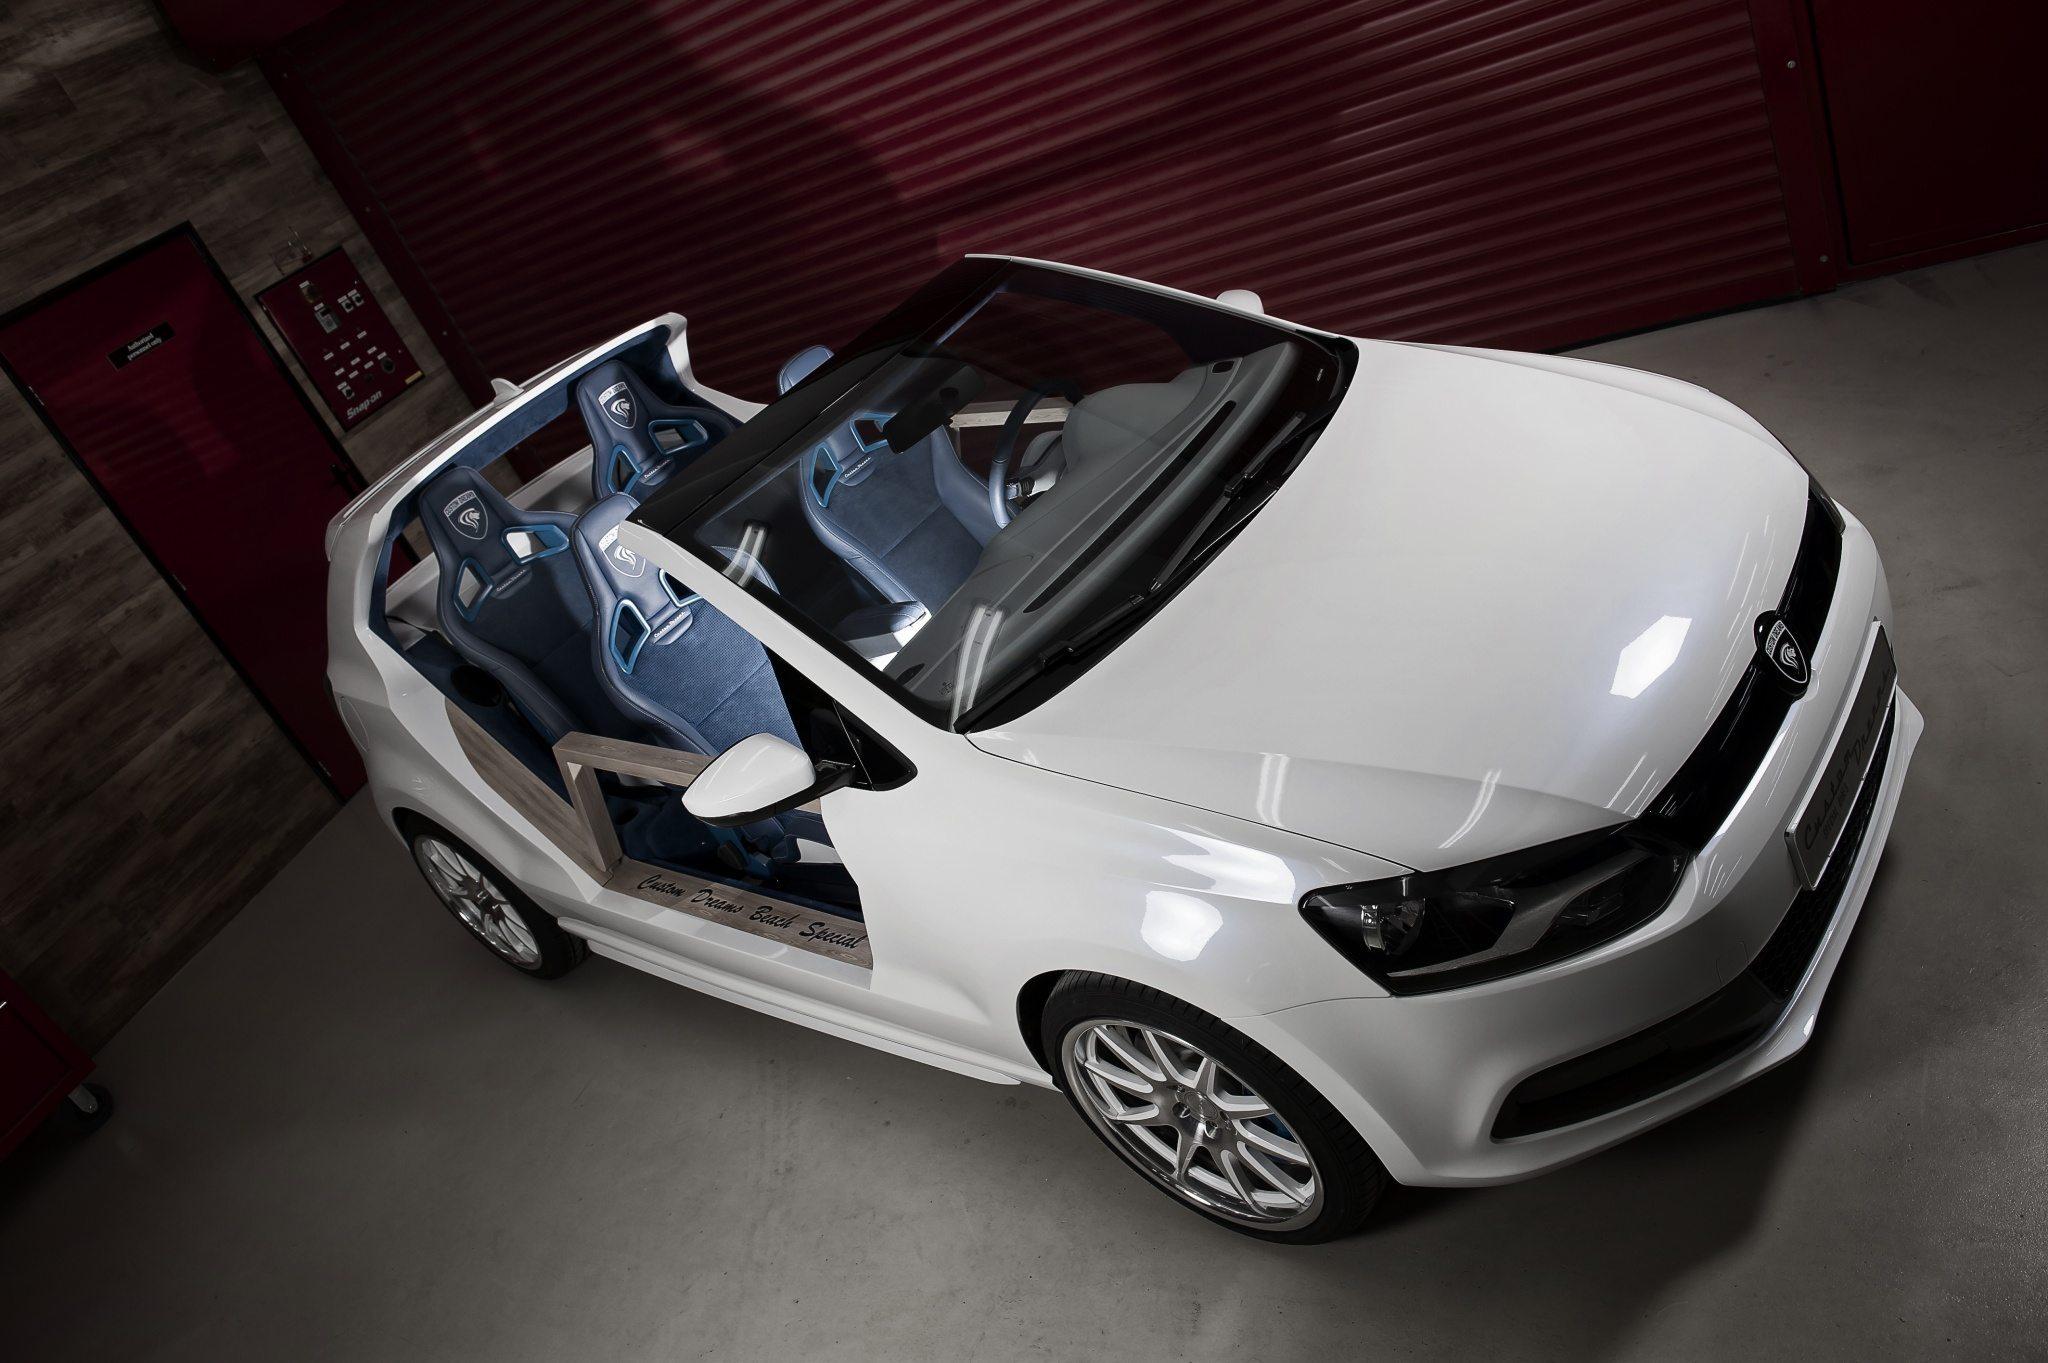 Volkswagen Polo GTI Beach Edition - Hartvoorautos.nl